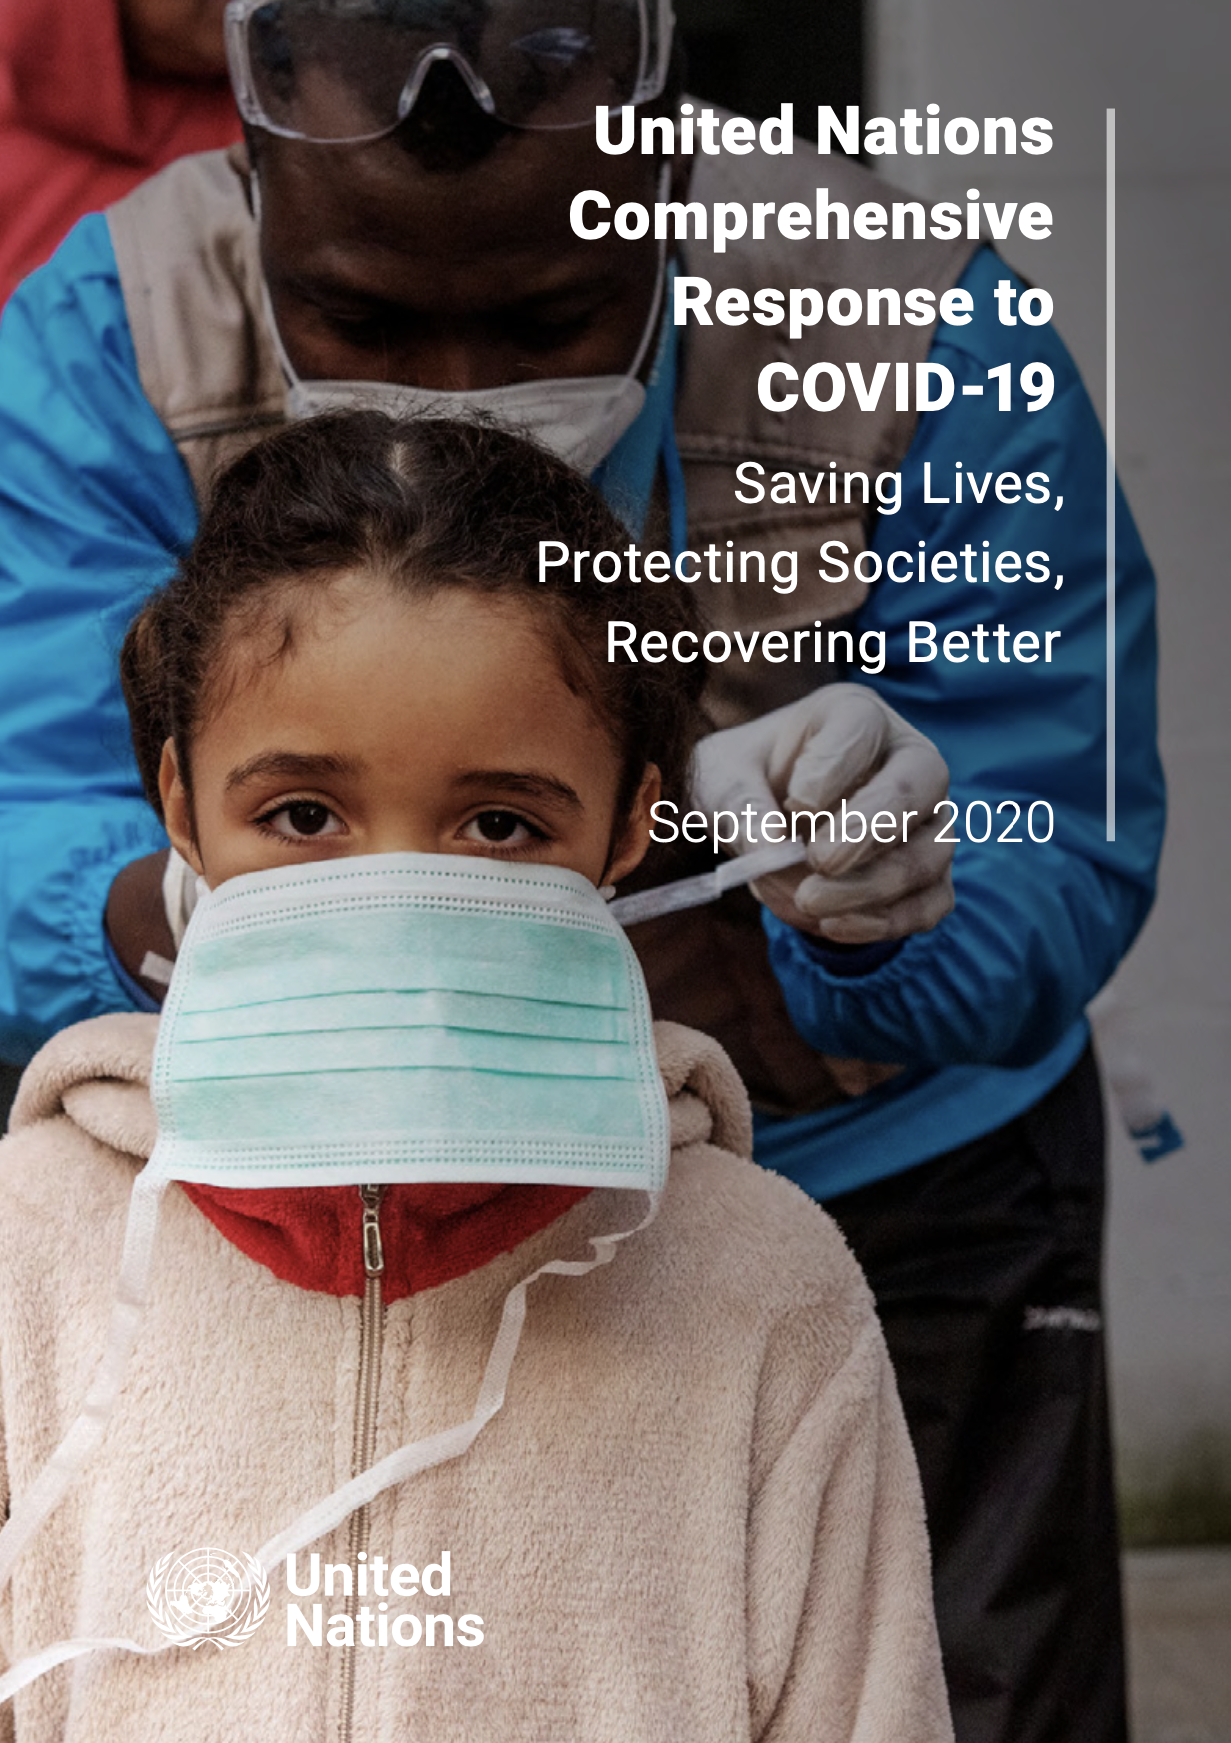 Respuesta integral de la ONU a la COVID-19 - actualización a septiembre 2020